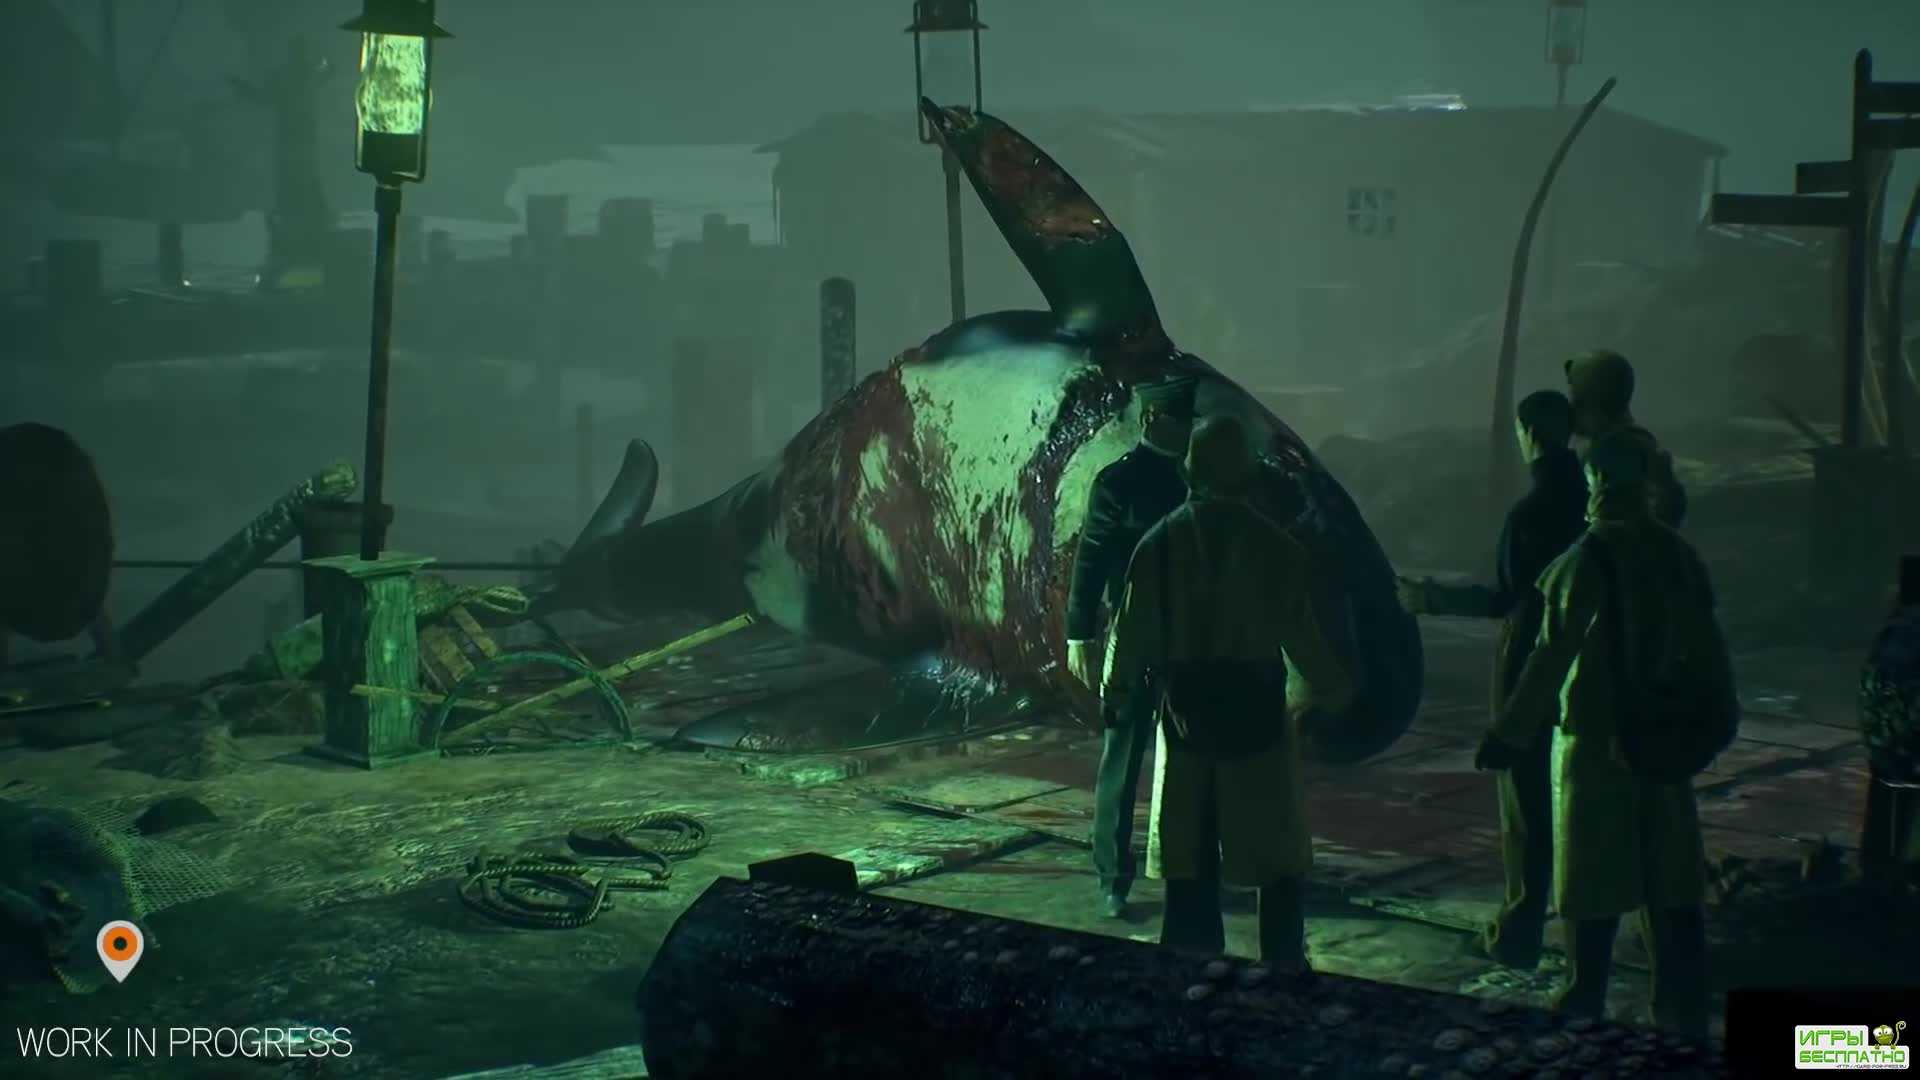 Демонстрация игрового процесса The Sinking City